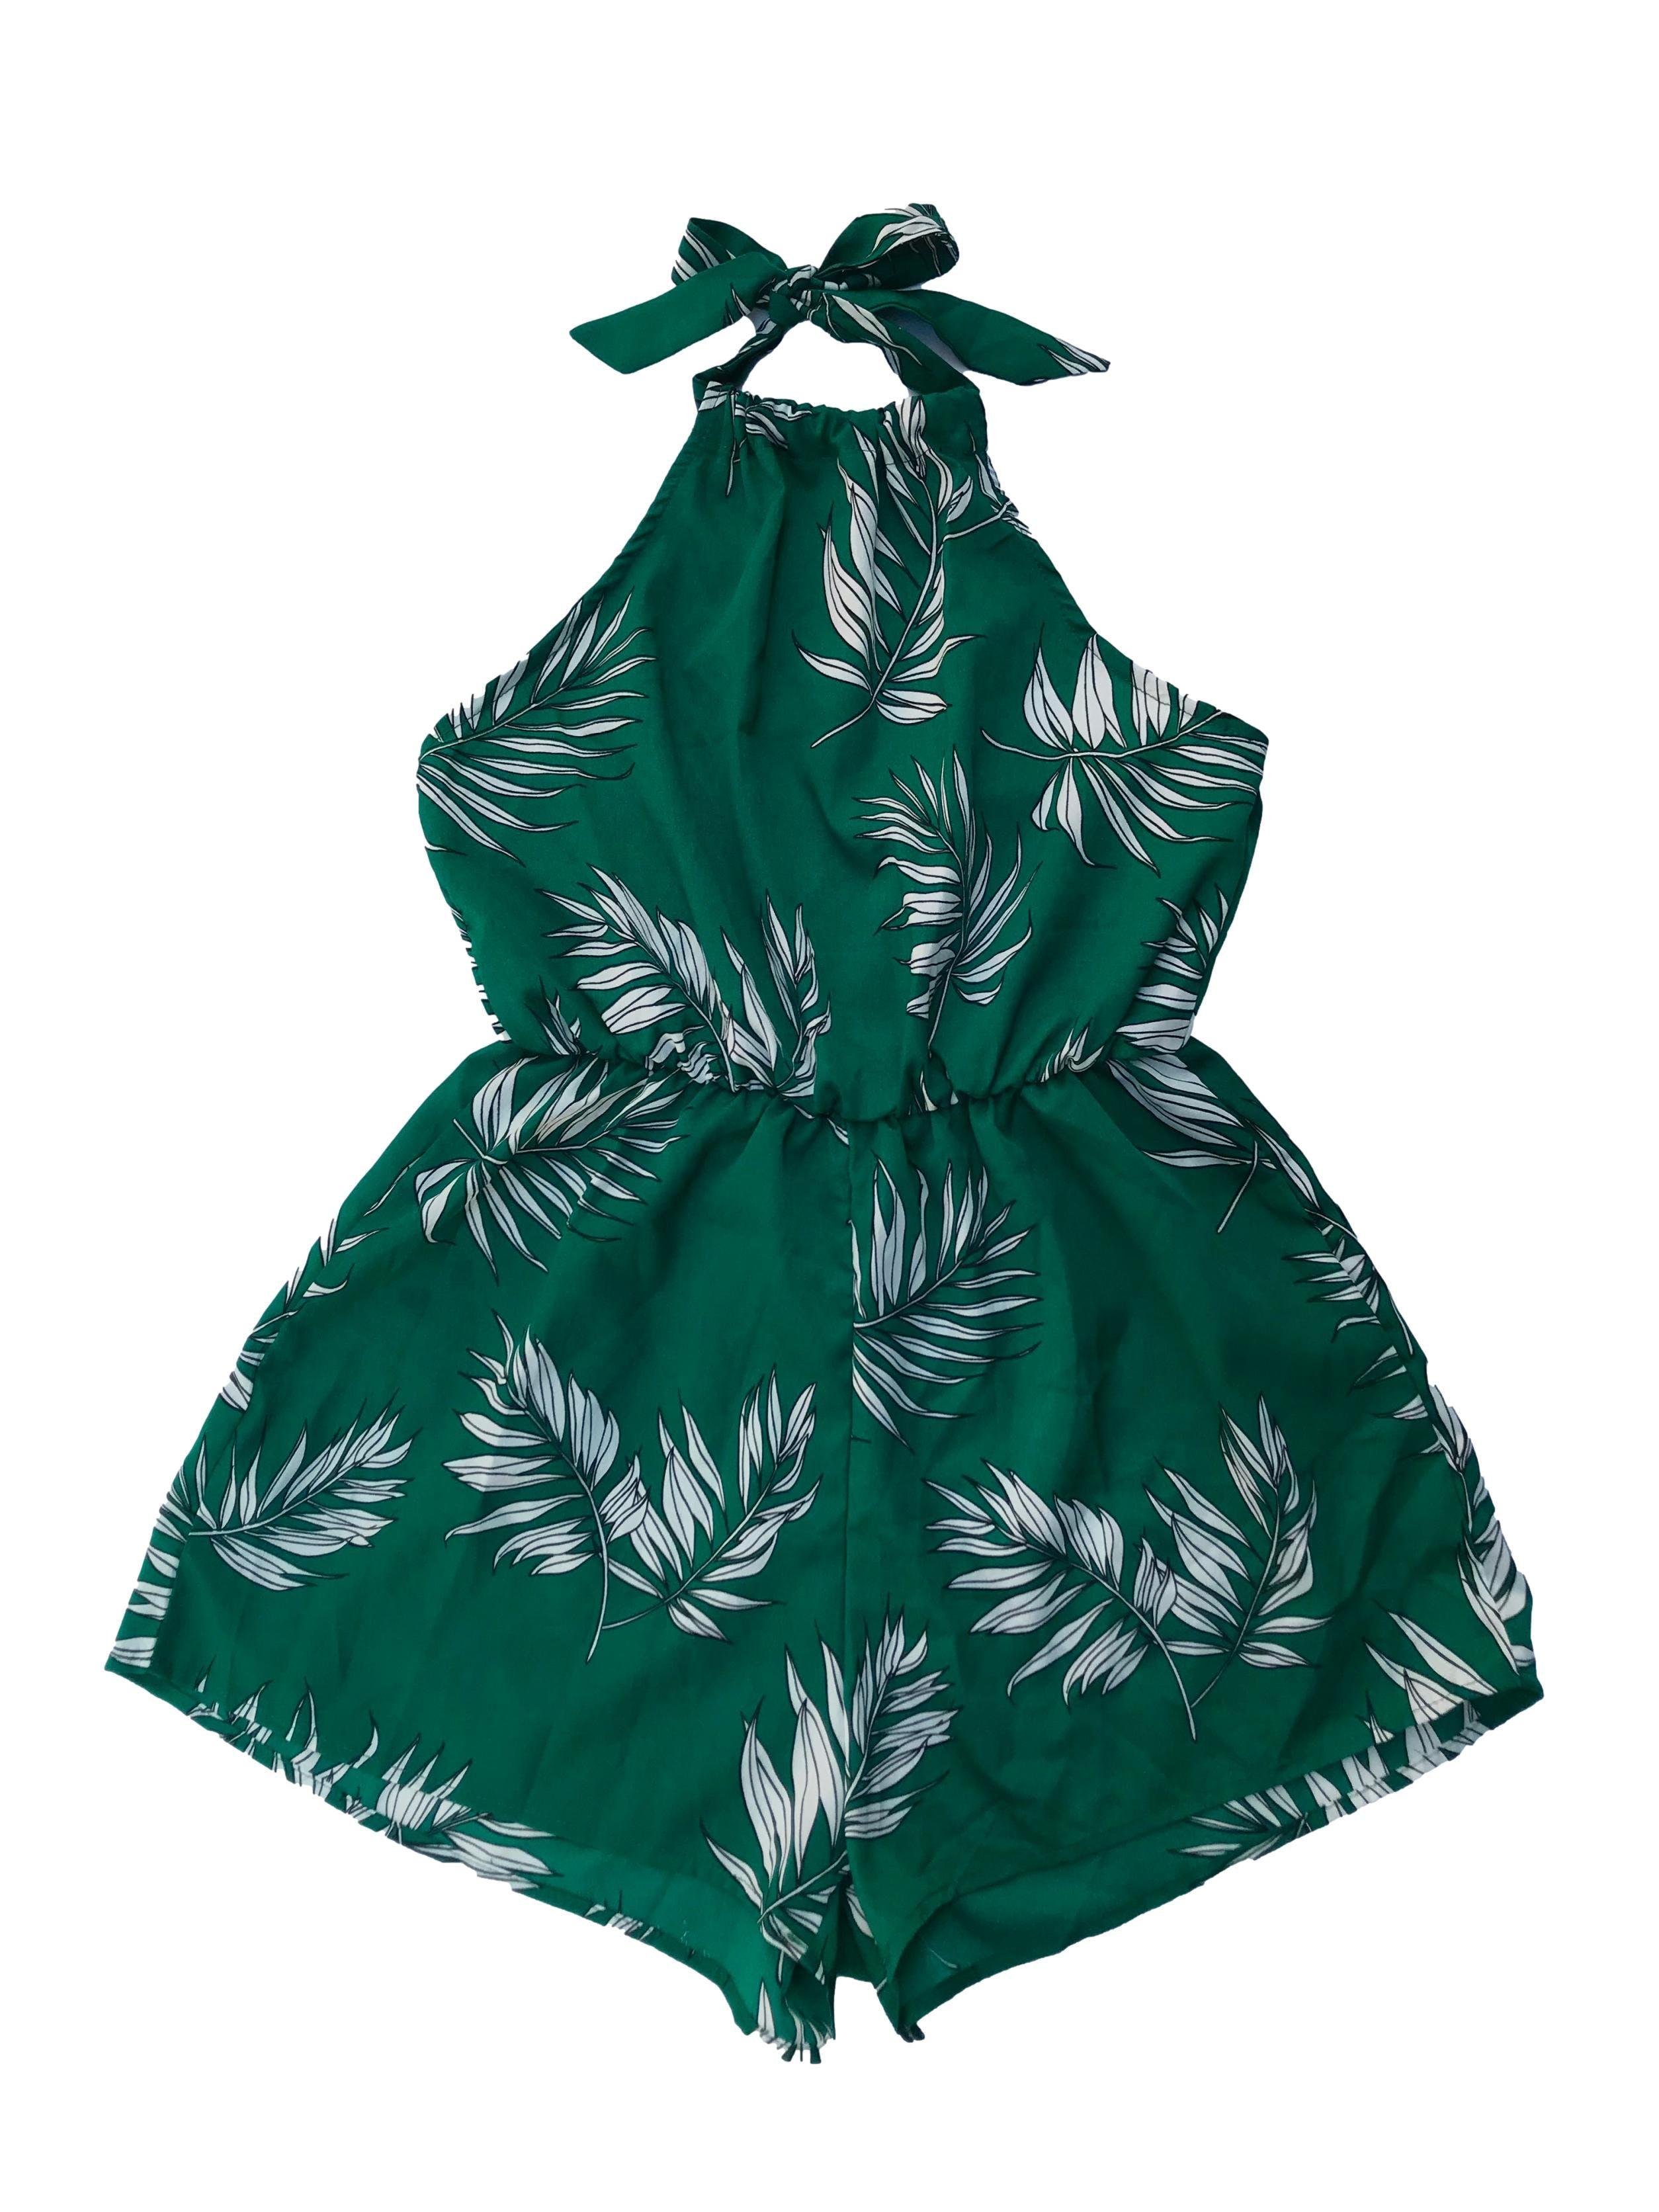 Enterizo short Zaful cuello halter con elástico en la cintura, tela plana fluida verde con estampado de hojas. Largo desde sisa 48cm. Nuevo con etiqueta.